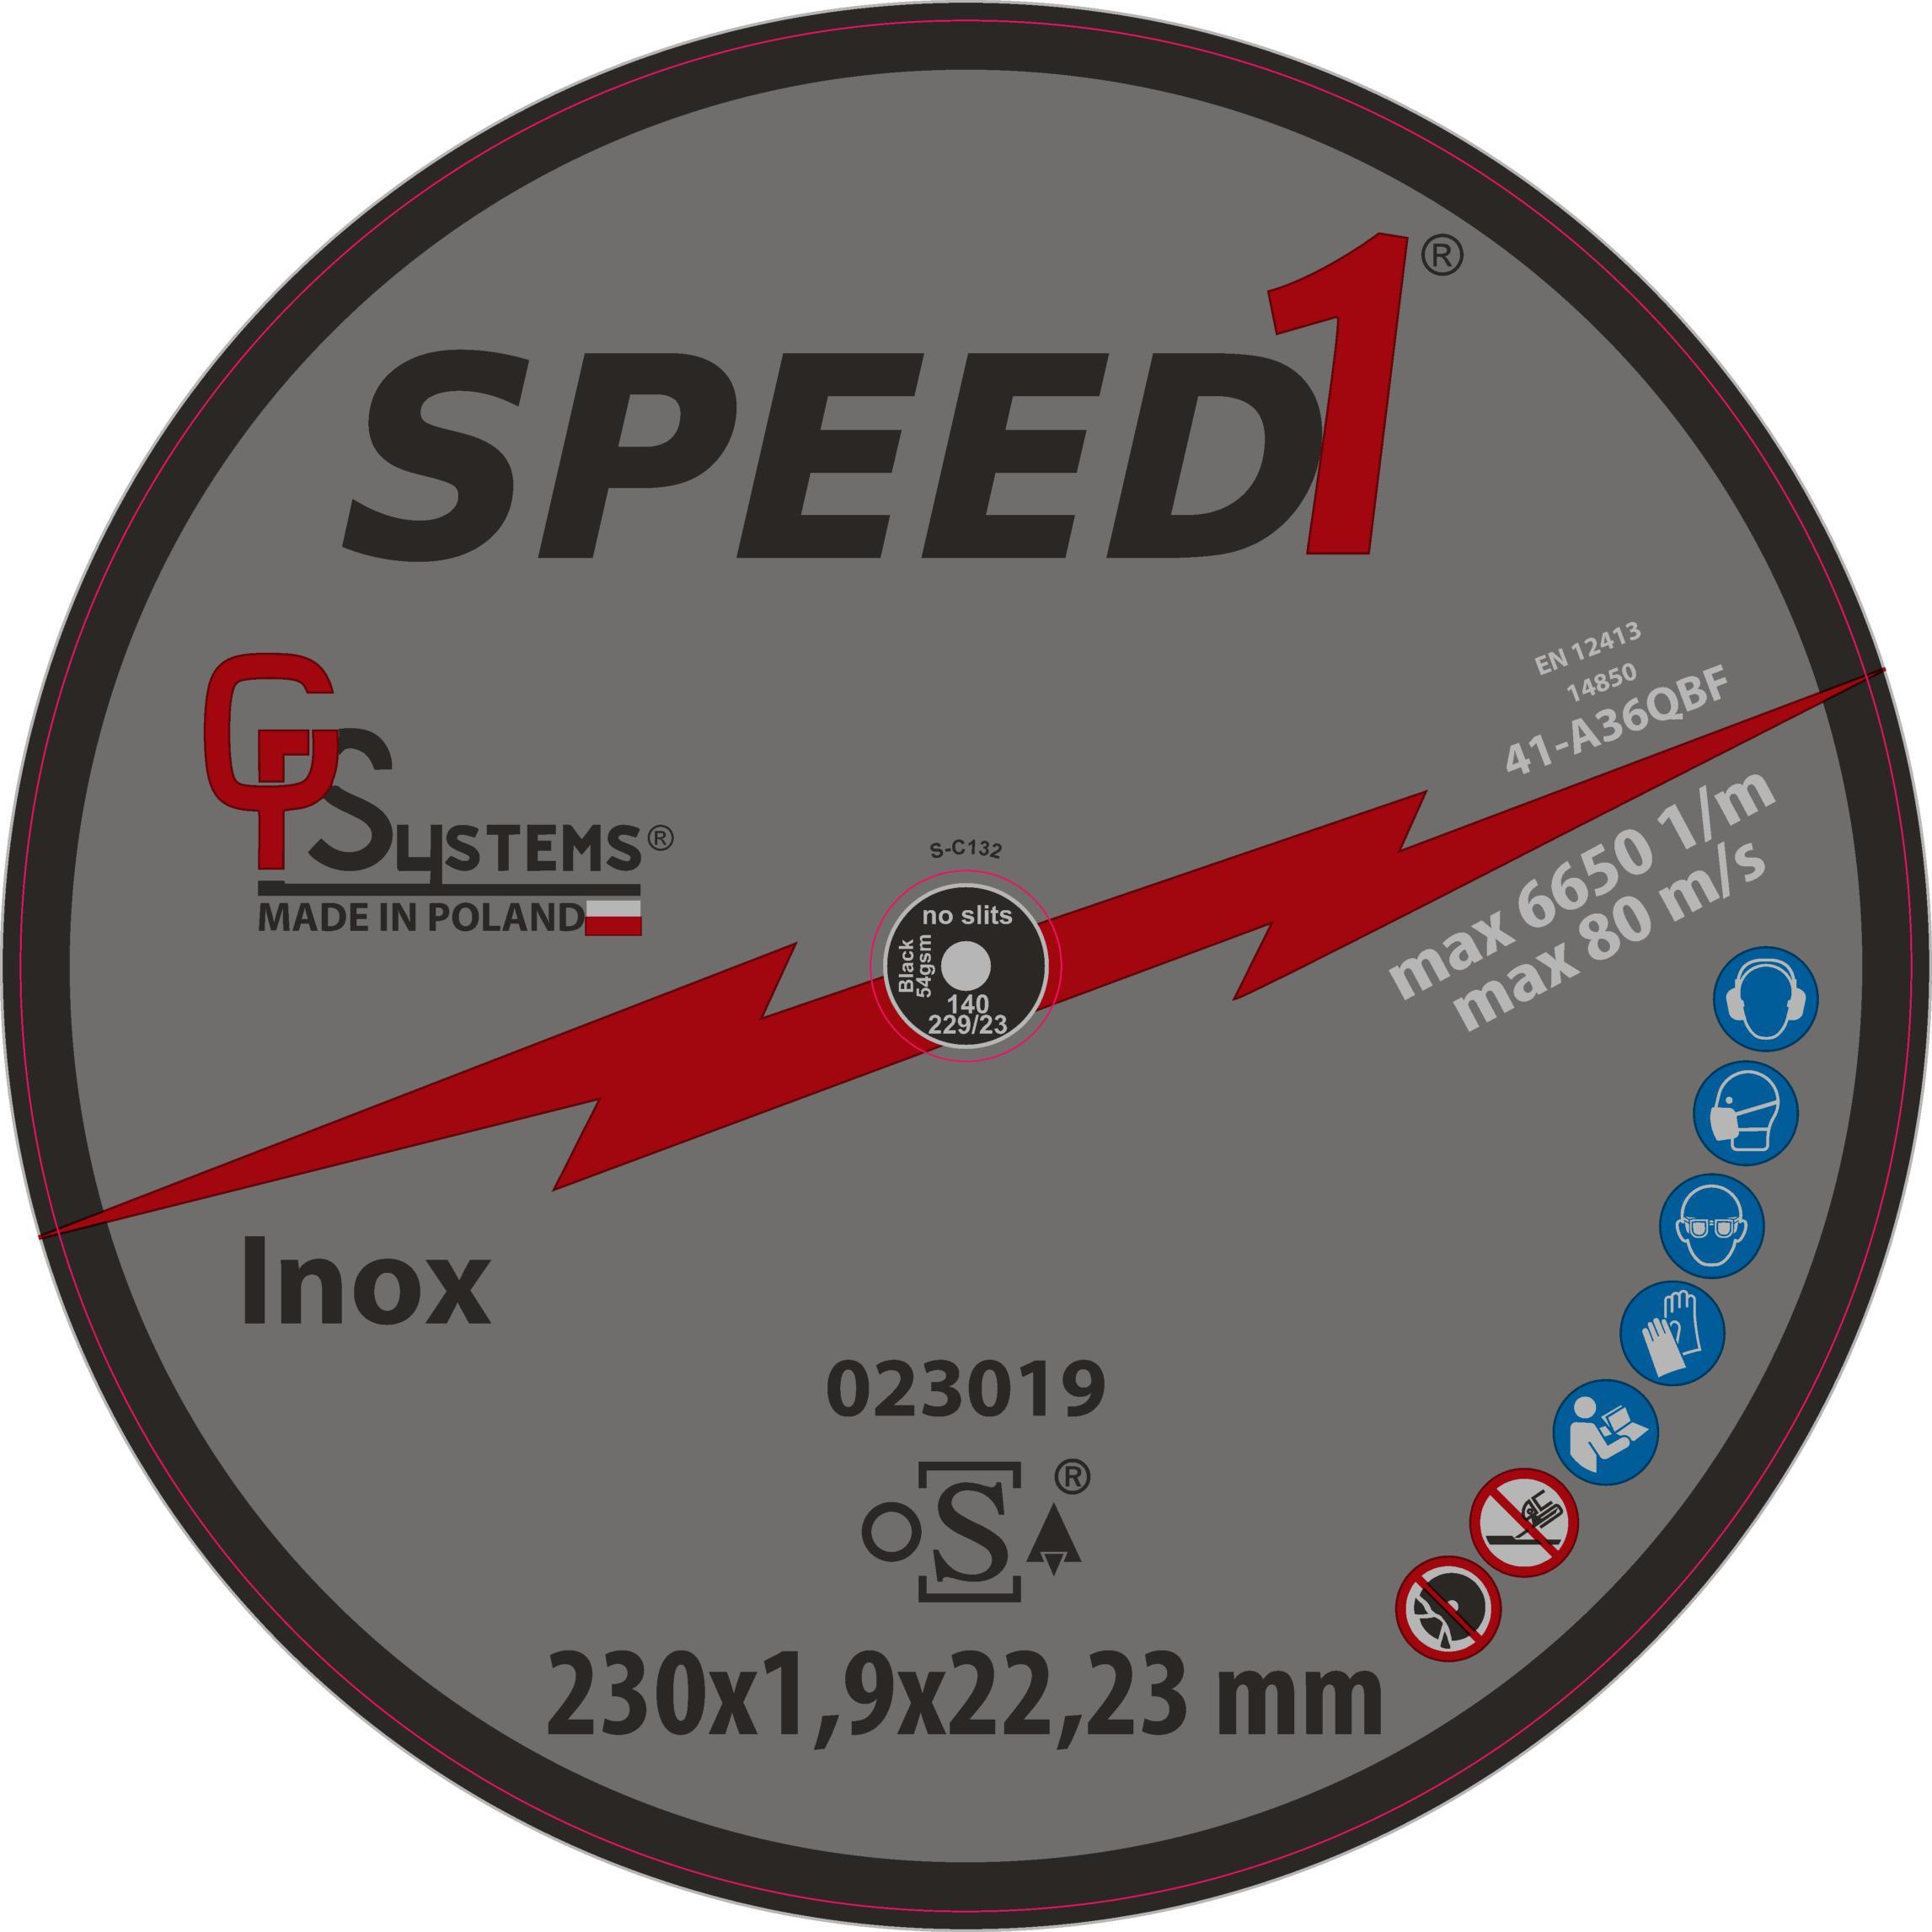 DachHolding gpsystems Speed1 - Tarcza do cięcia metalu/nierdzewki 230x1,9x22,23mm